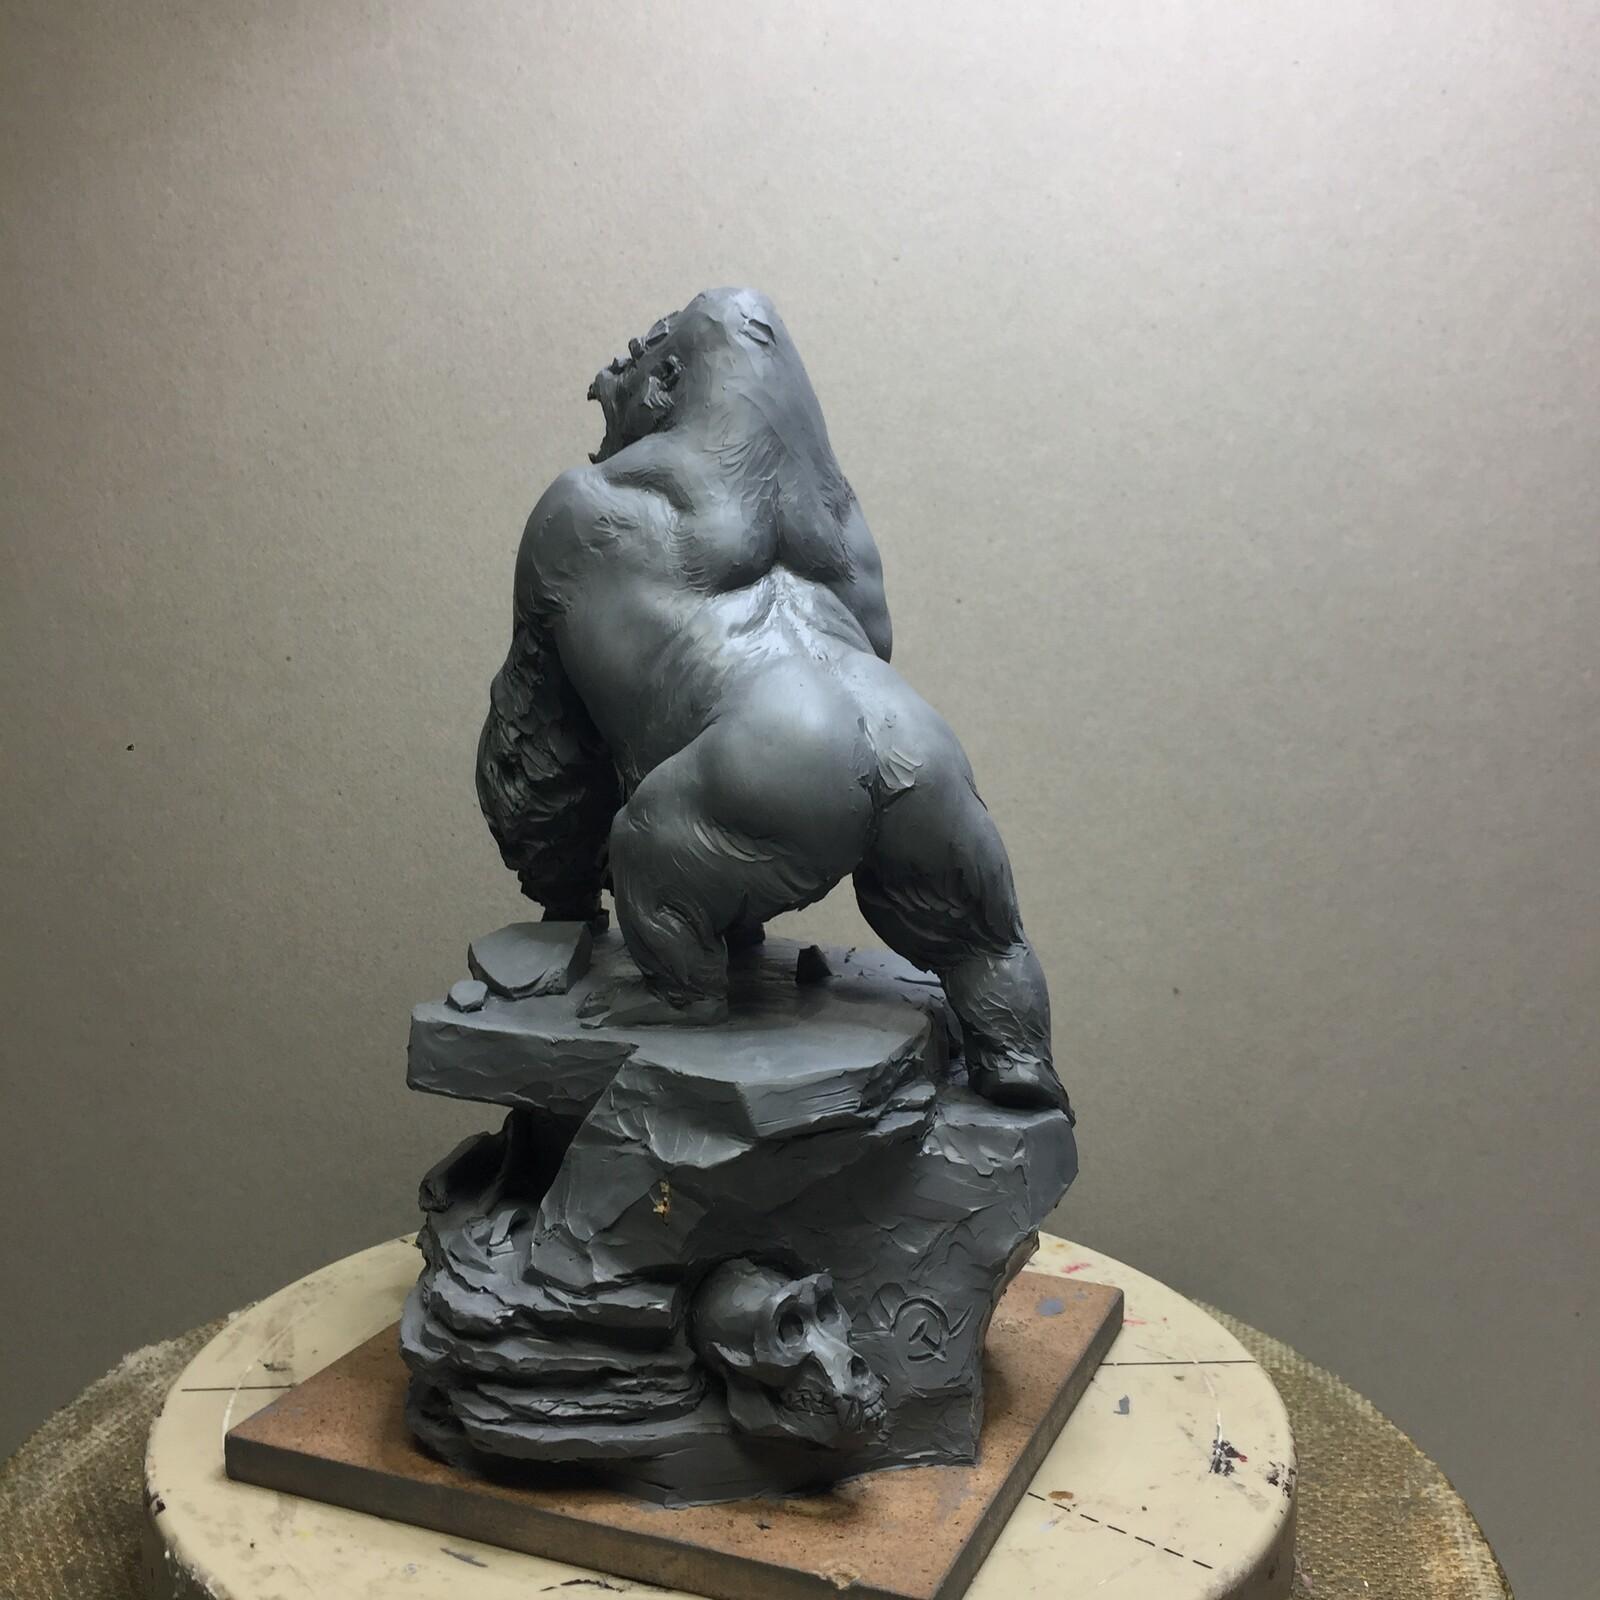 Gorilla plasticine quick sketch